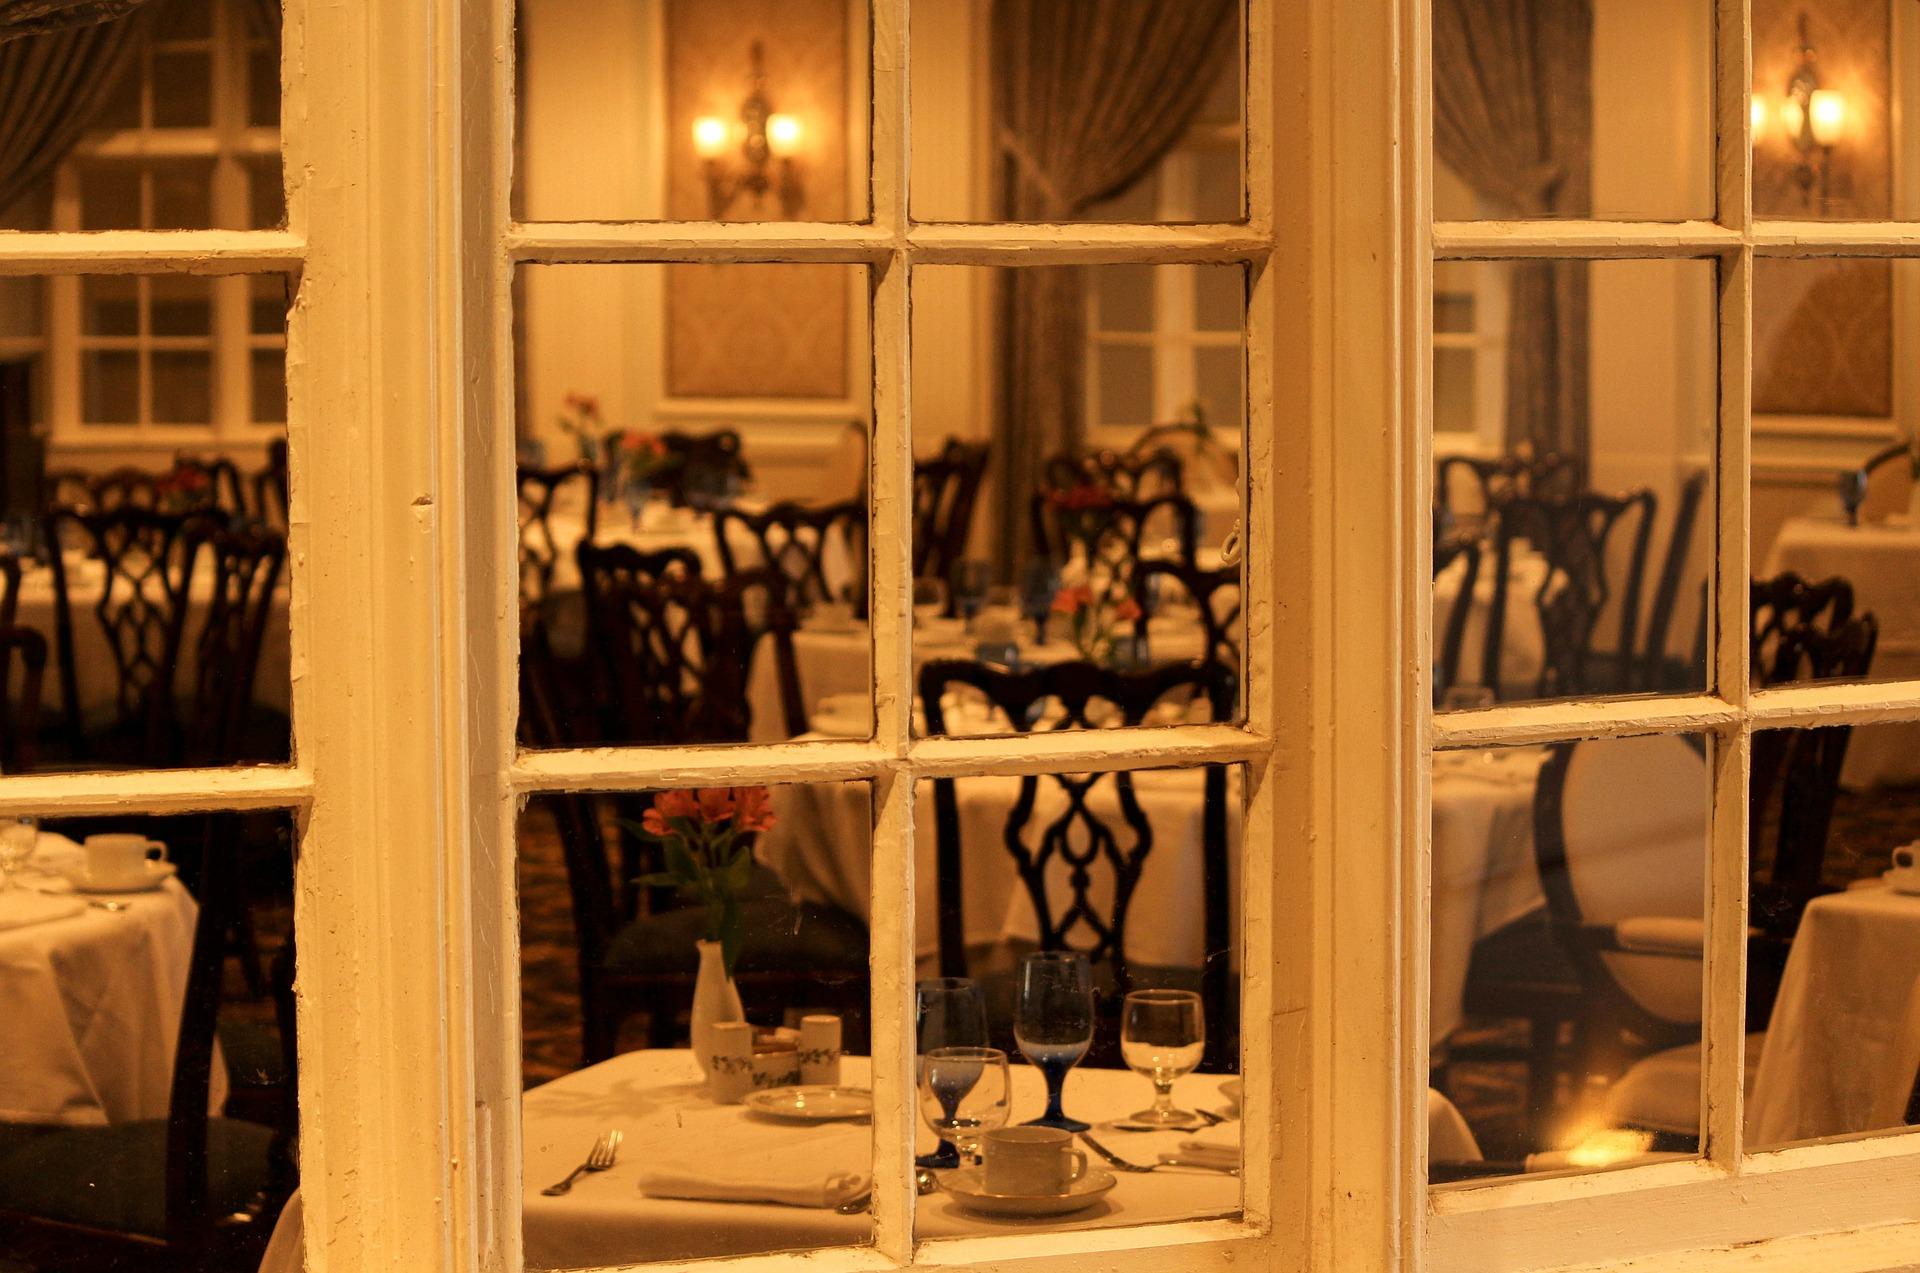 Hast du dich mit deinem Restaurant schon beim Fernsehen beworben?